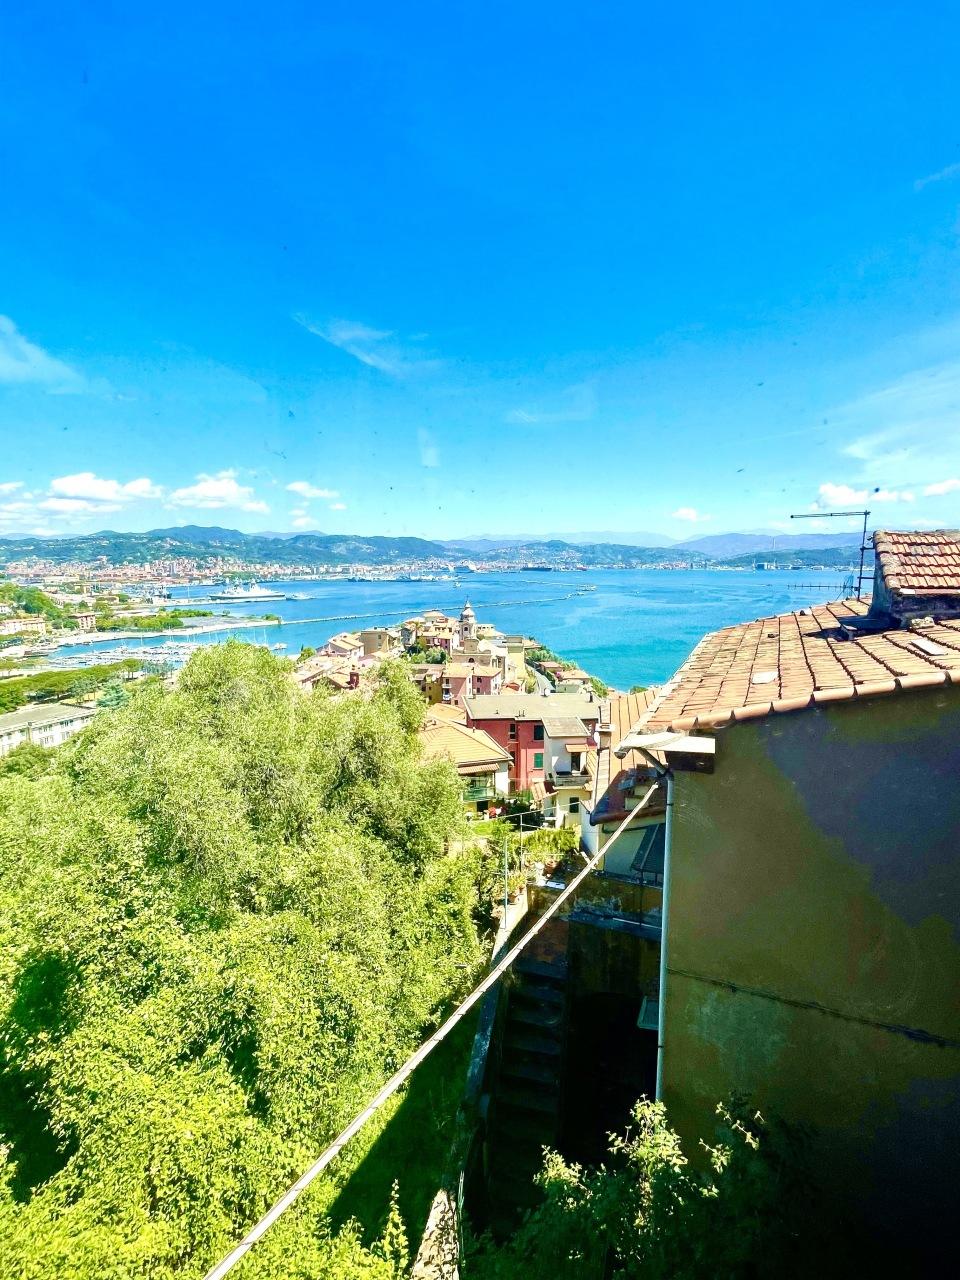 Soluzione Semindipendente in vendita a Portovenere, 5 locali, prezzo € 169.000 | PortaleAgenzieImmobiliari.it